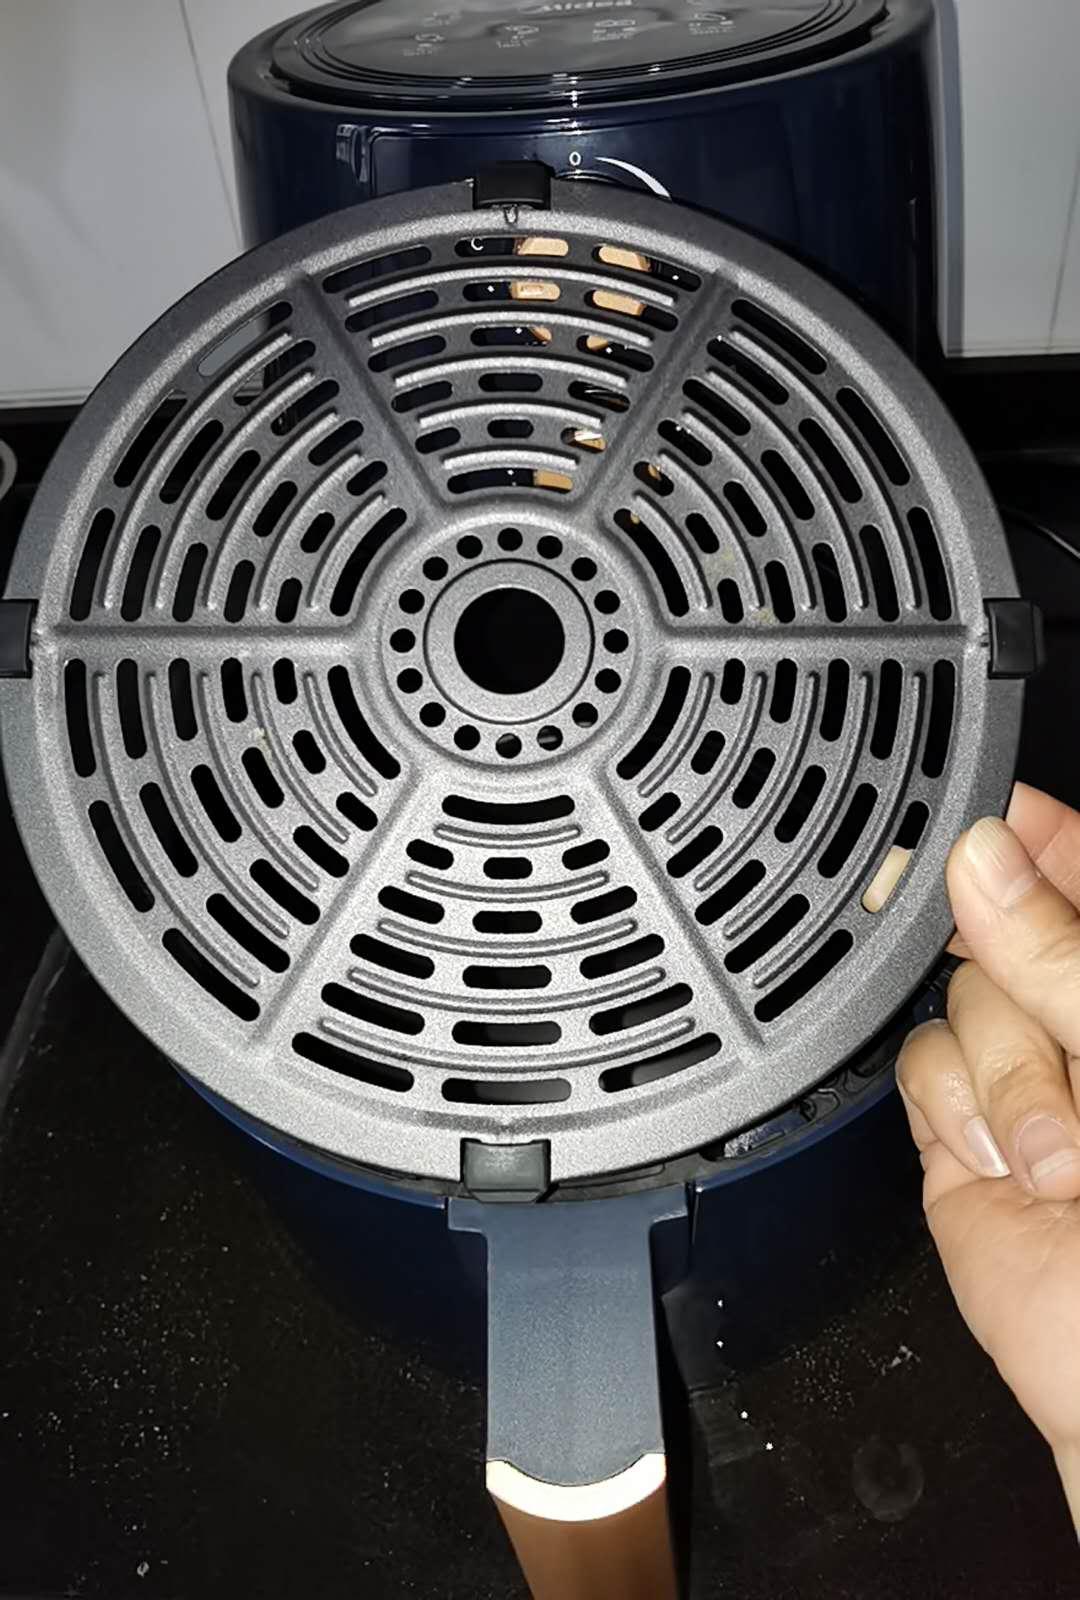 美的Midea空气炸锅无油4.5L大容量家用智能电炸锅煎炸锅MF-KZ45Q5-401B